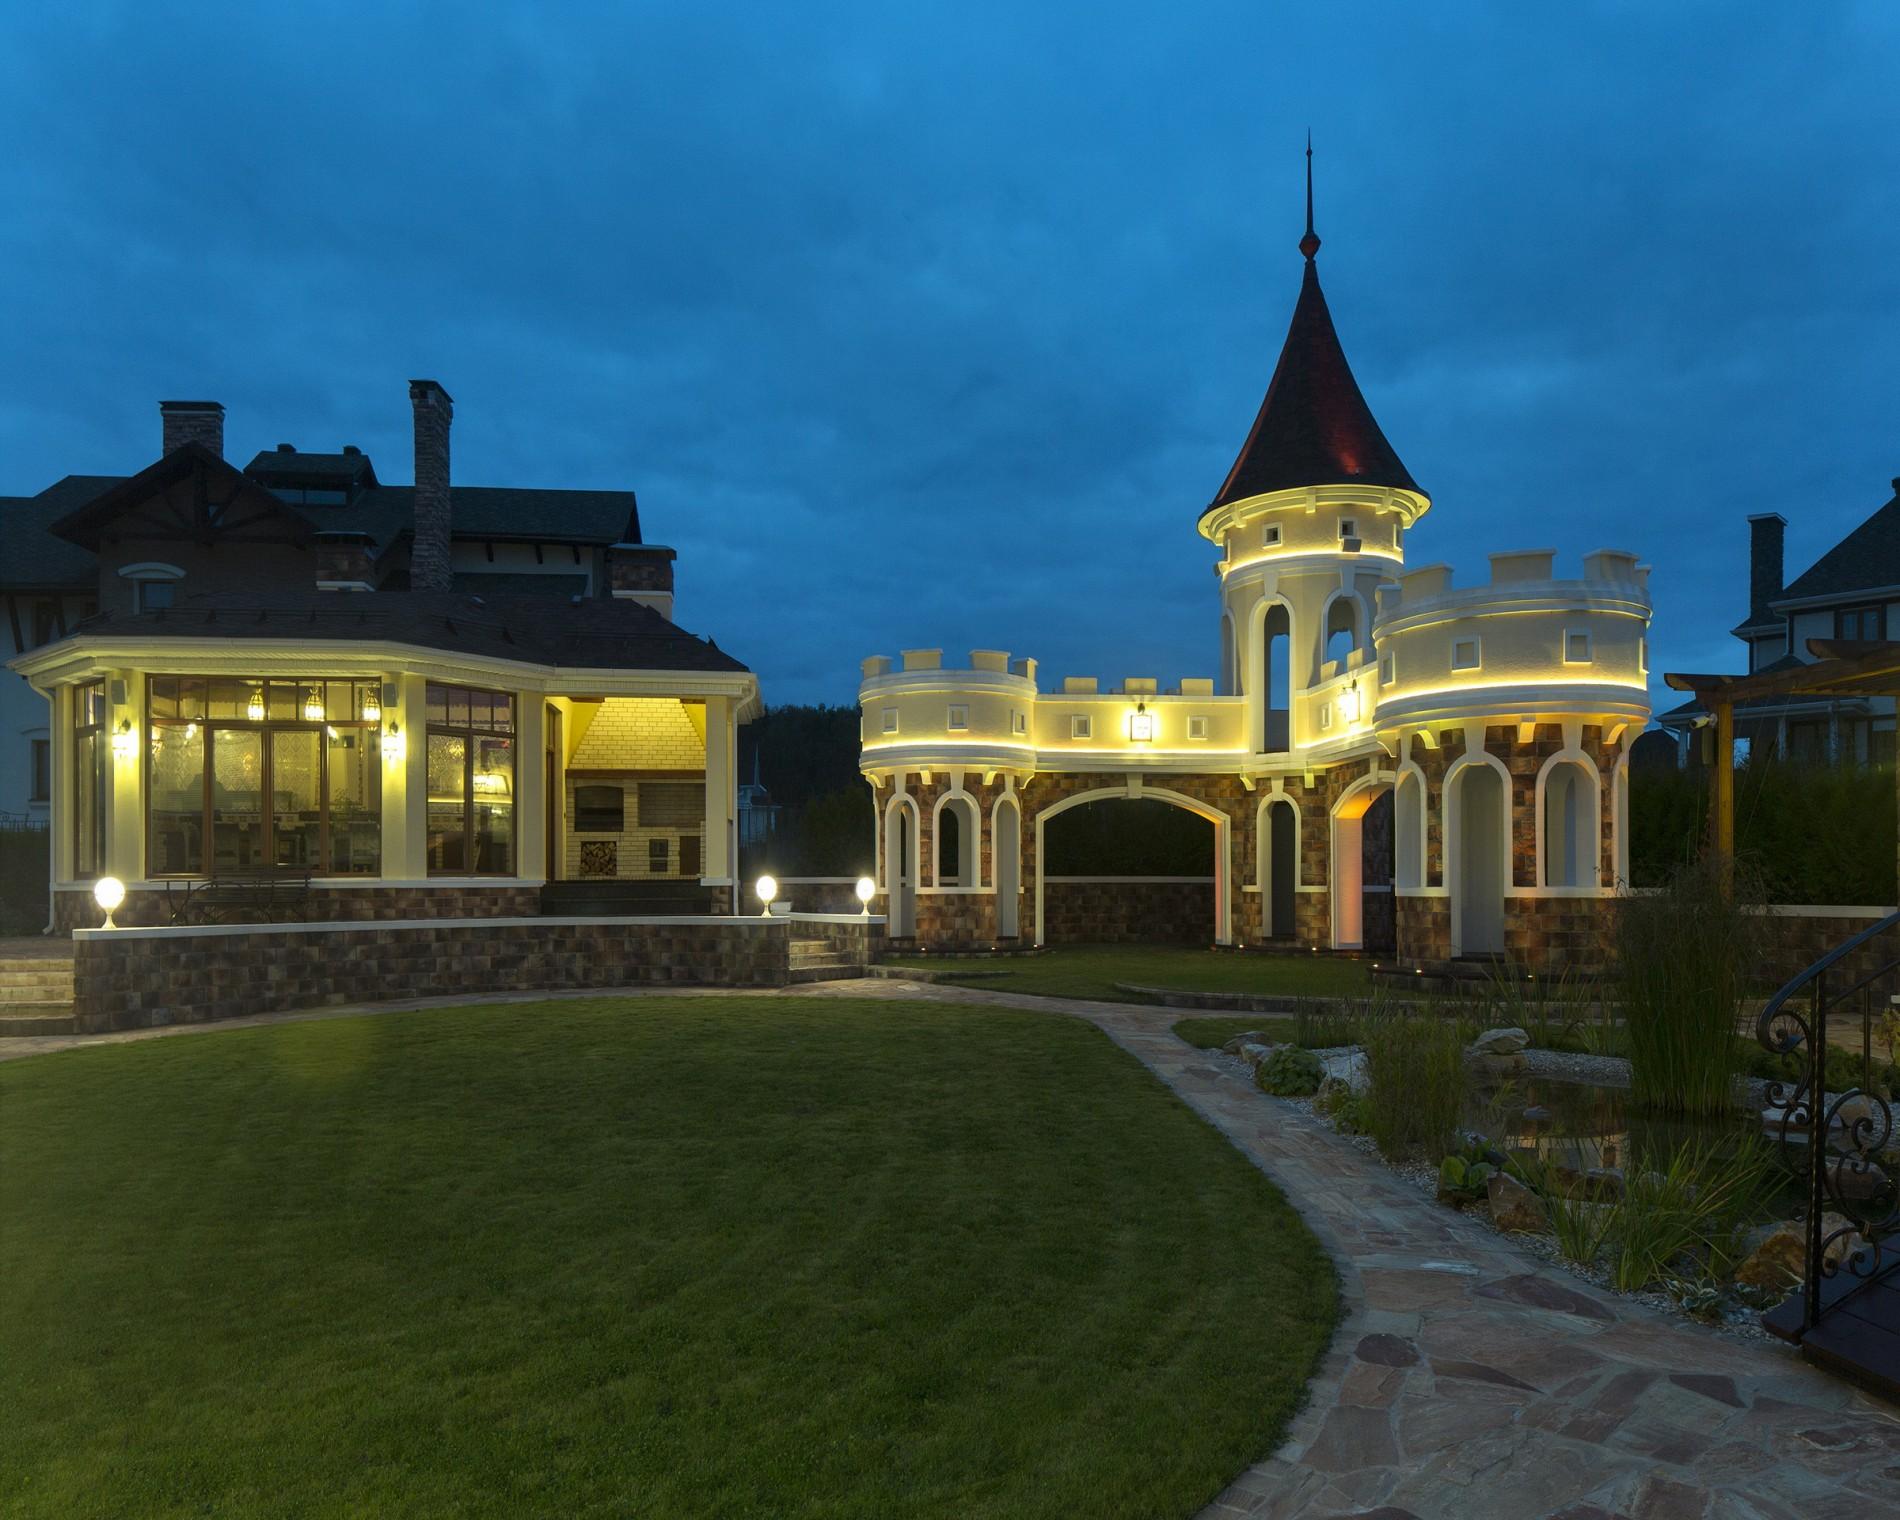 Диодная подсветка фасада загородного дома